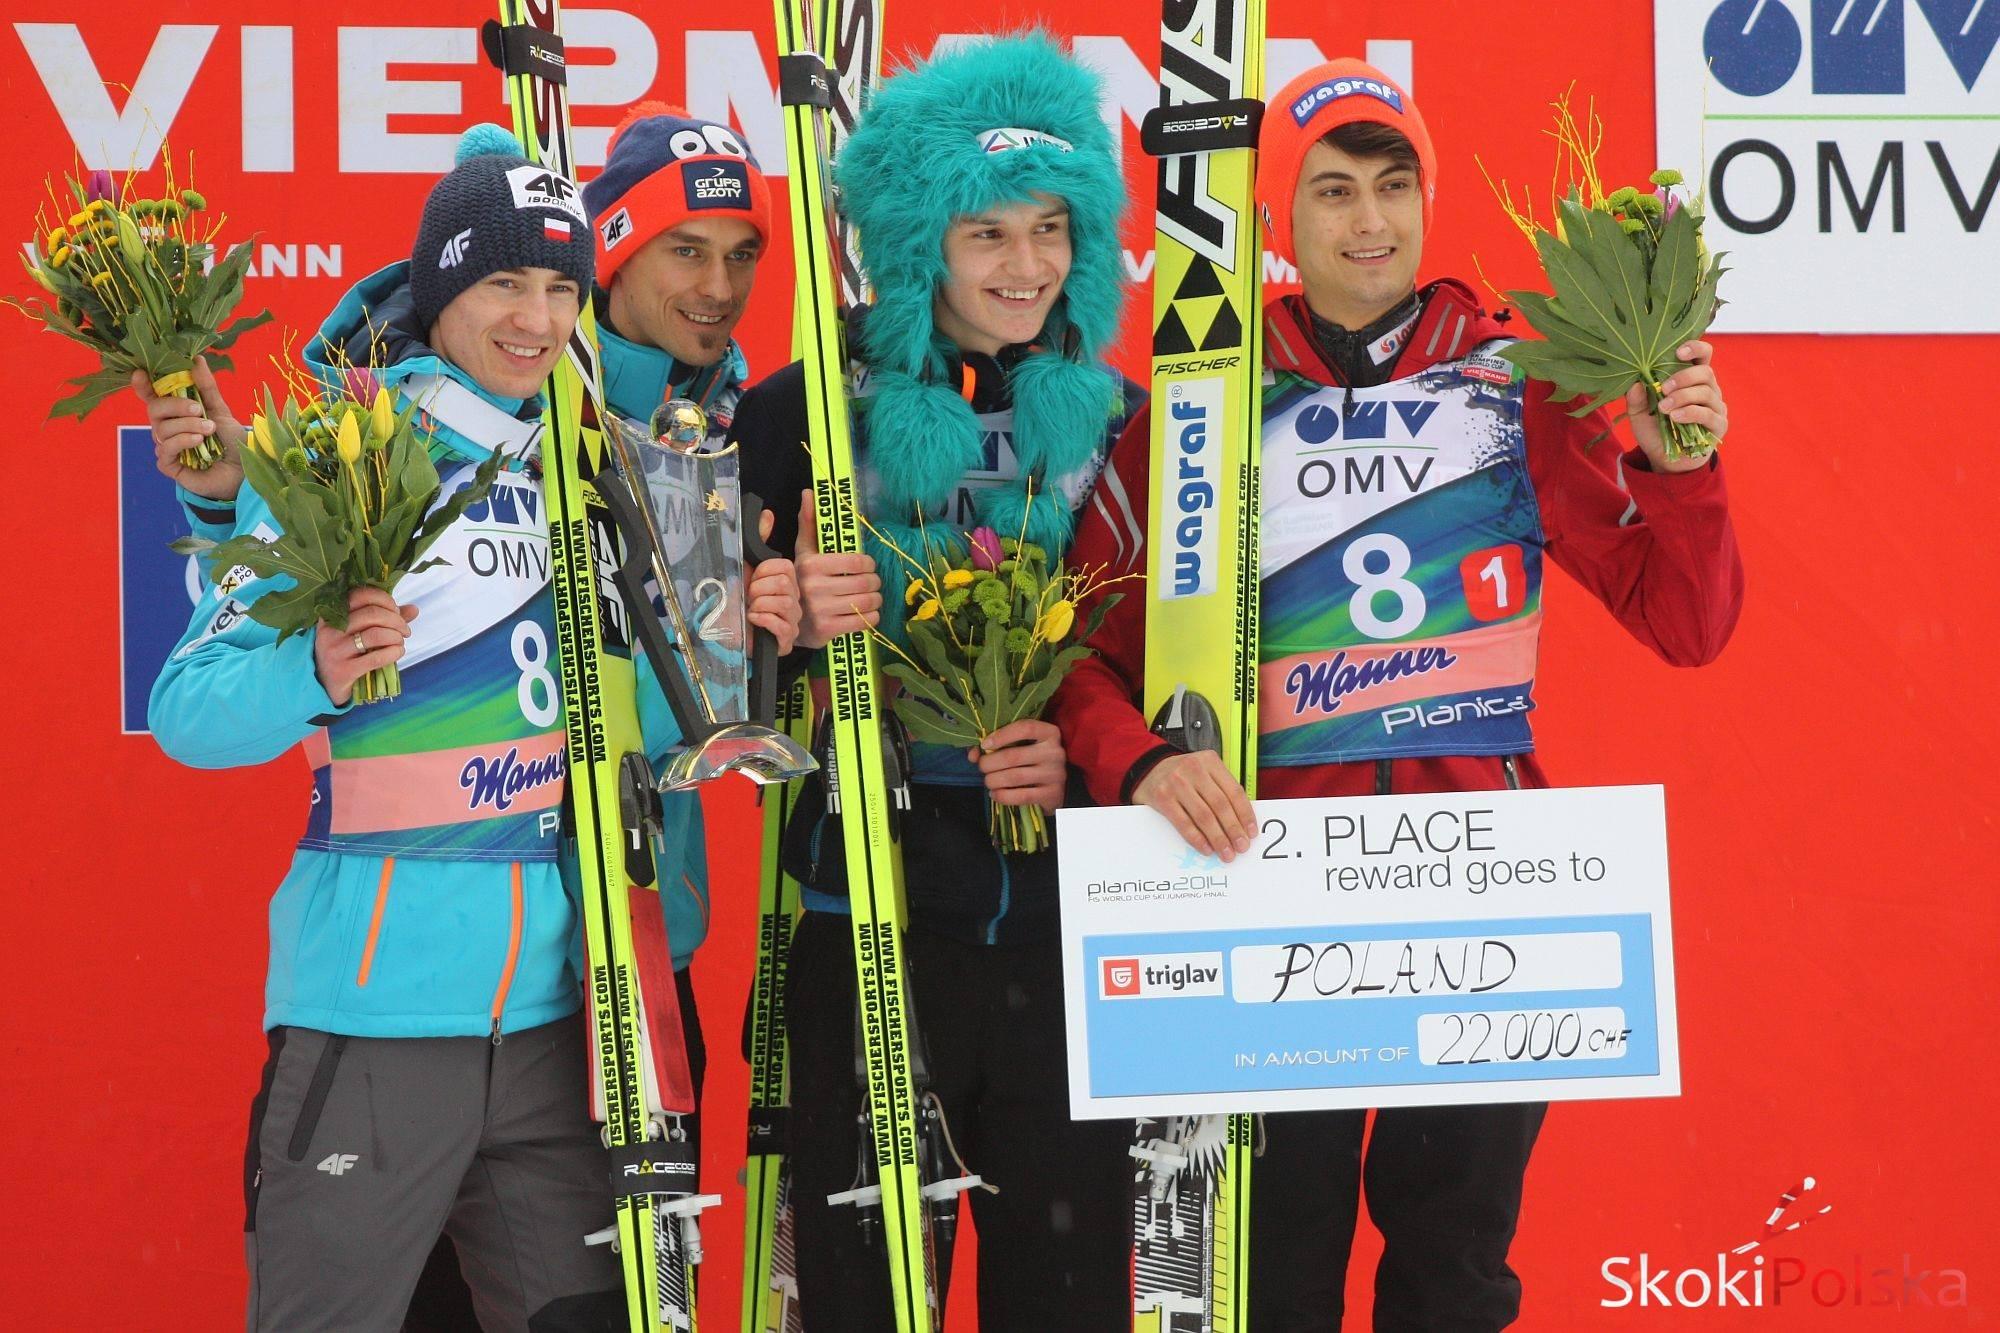 polacy podium - Najlepsi skoczkowie zarobią więcej zimą